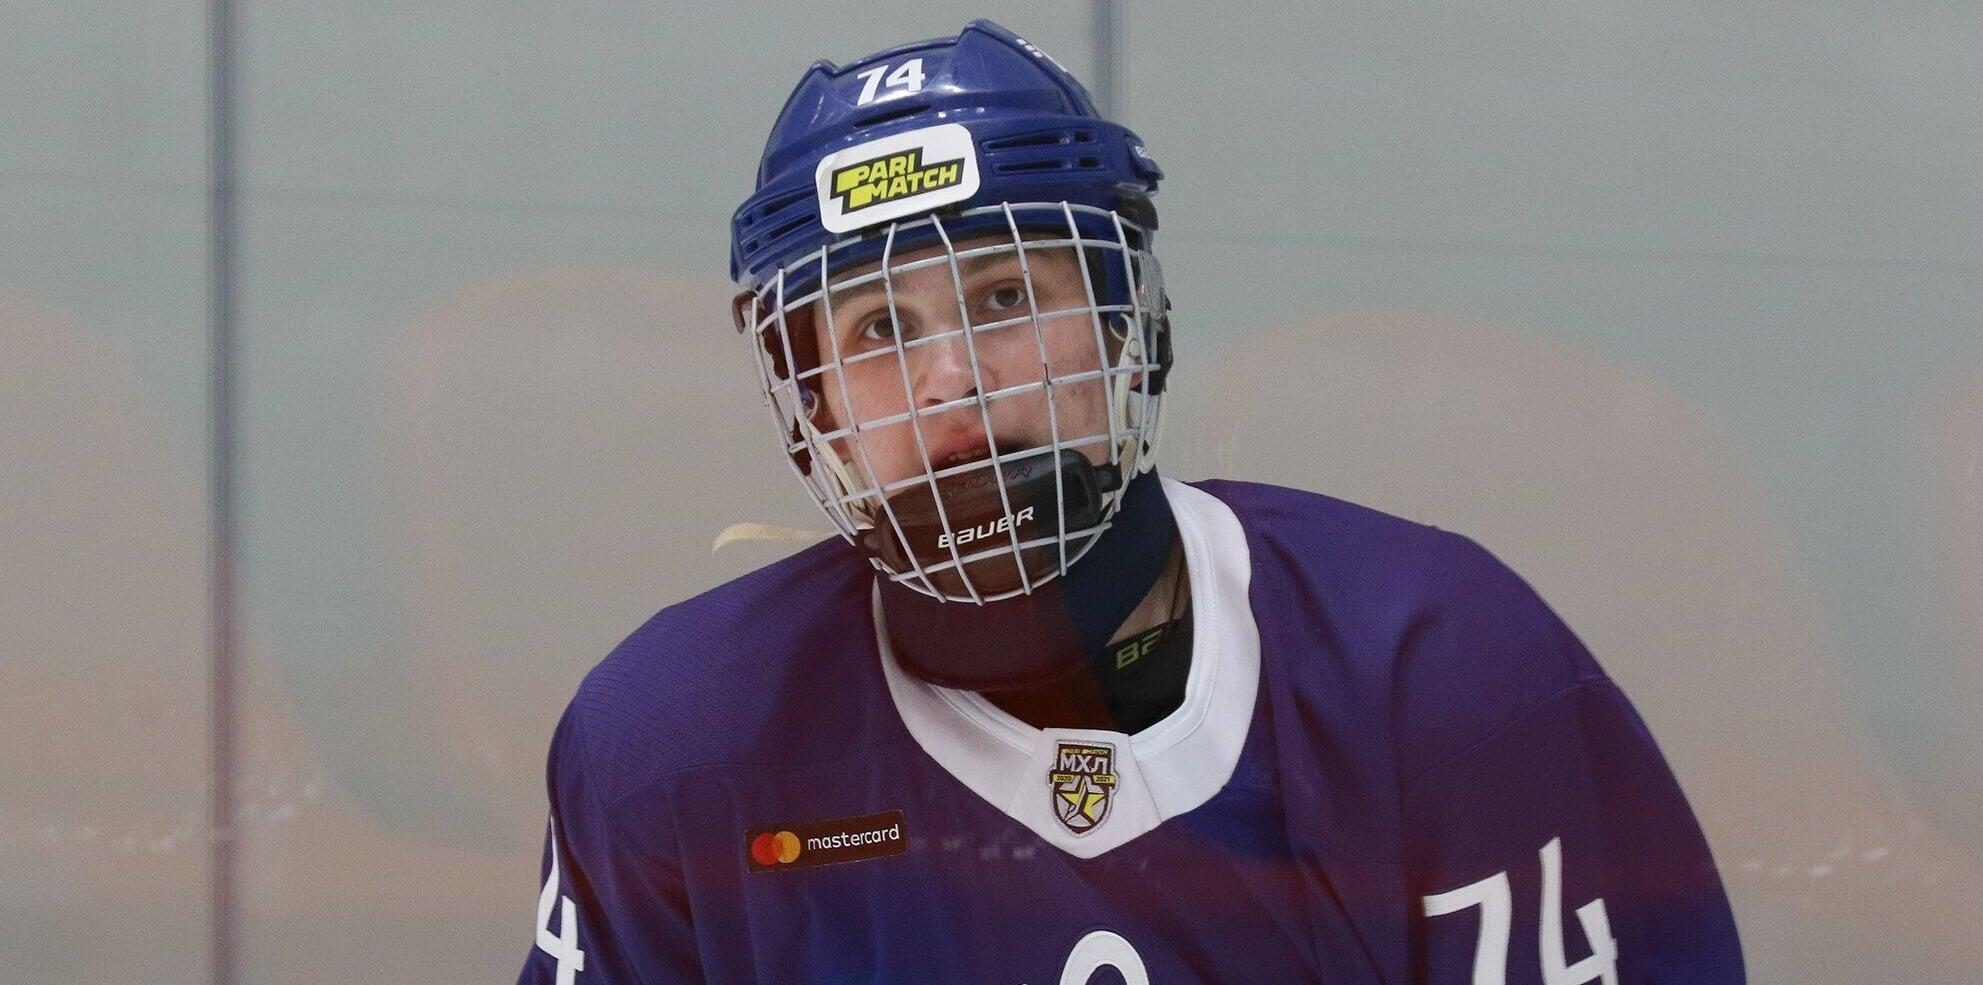 18-летний защитник Никита Новиков стал самым молодым автором гола Динамо в КХЛ. У него 1-я шайба в лиге